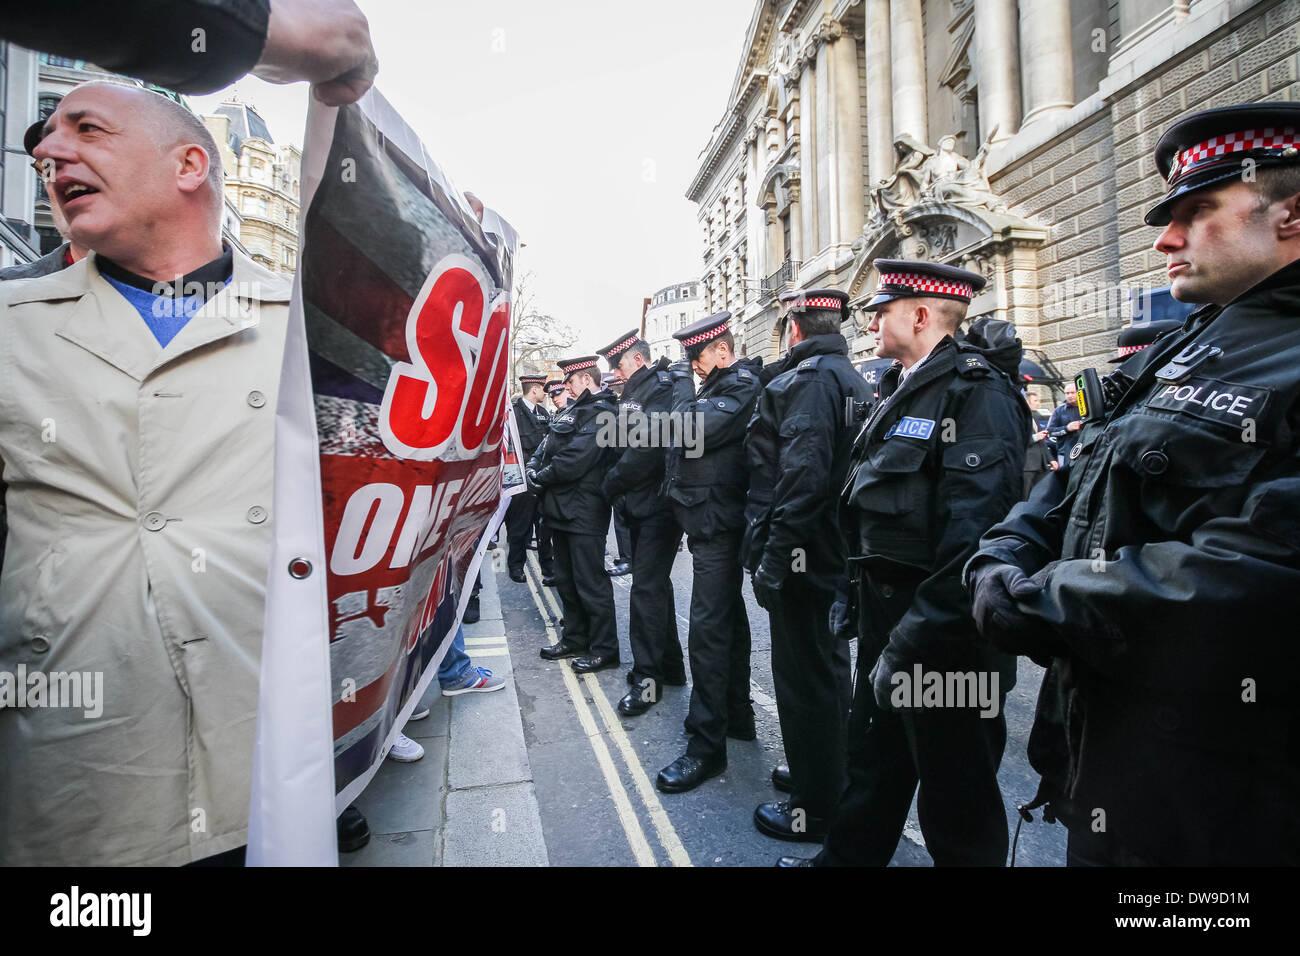 Britische fernen rechten nationalistischen Gruppen außerhalb der Old Bailey Gericht in London am Tag der Urteilsverkündung Stockbild